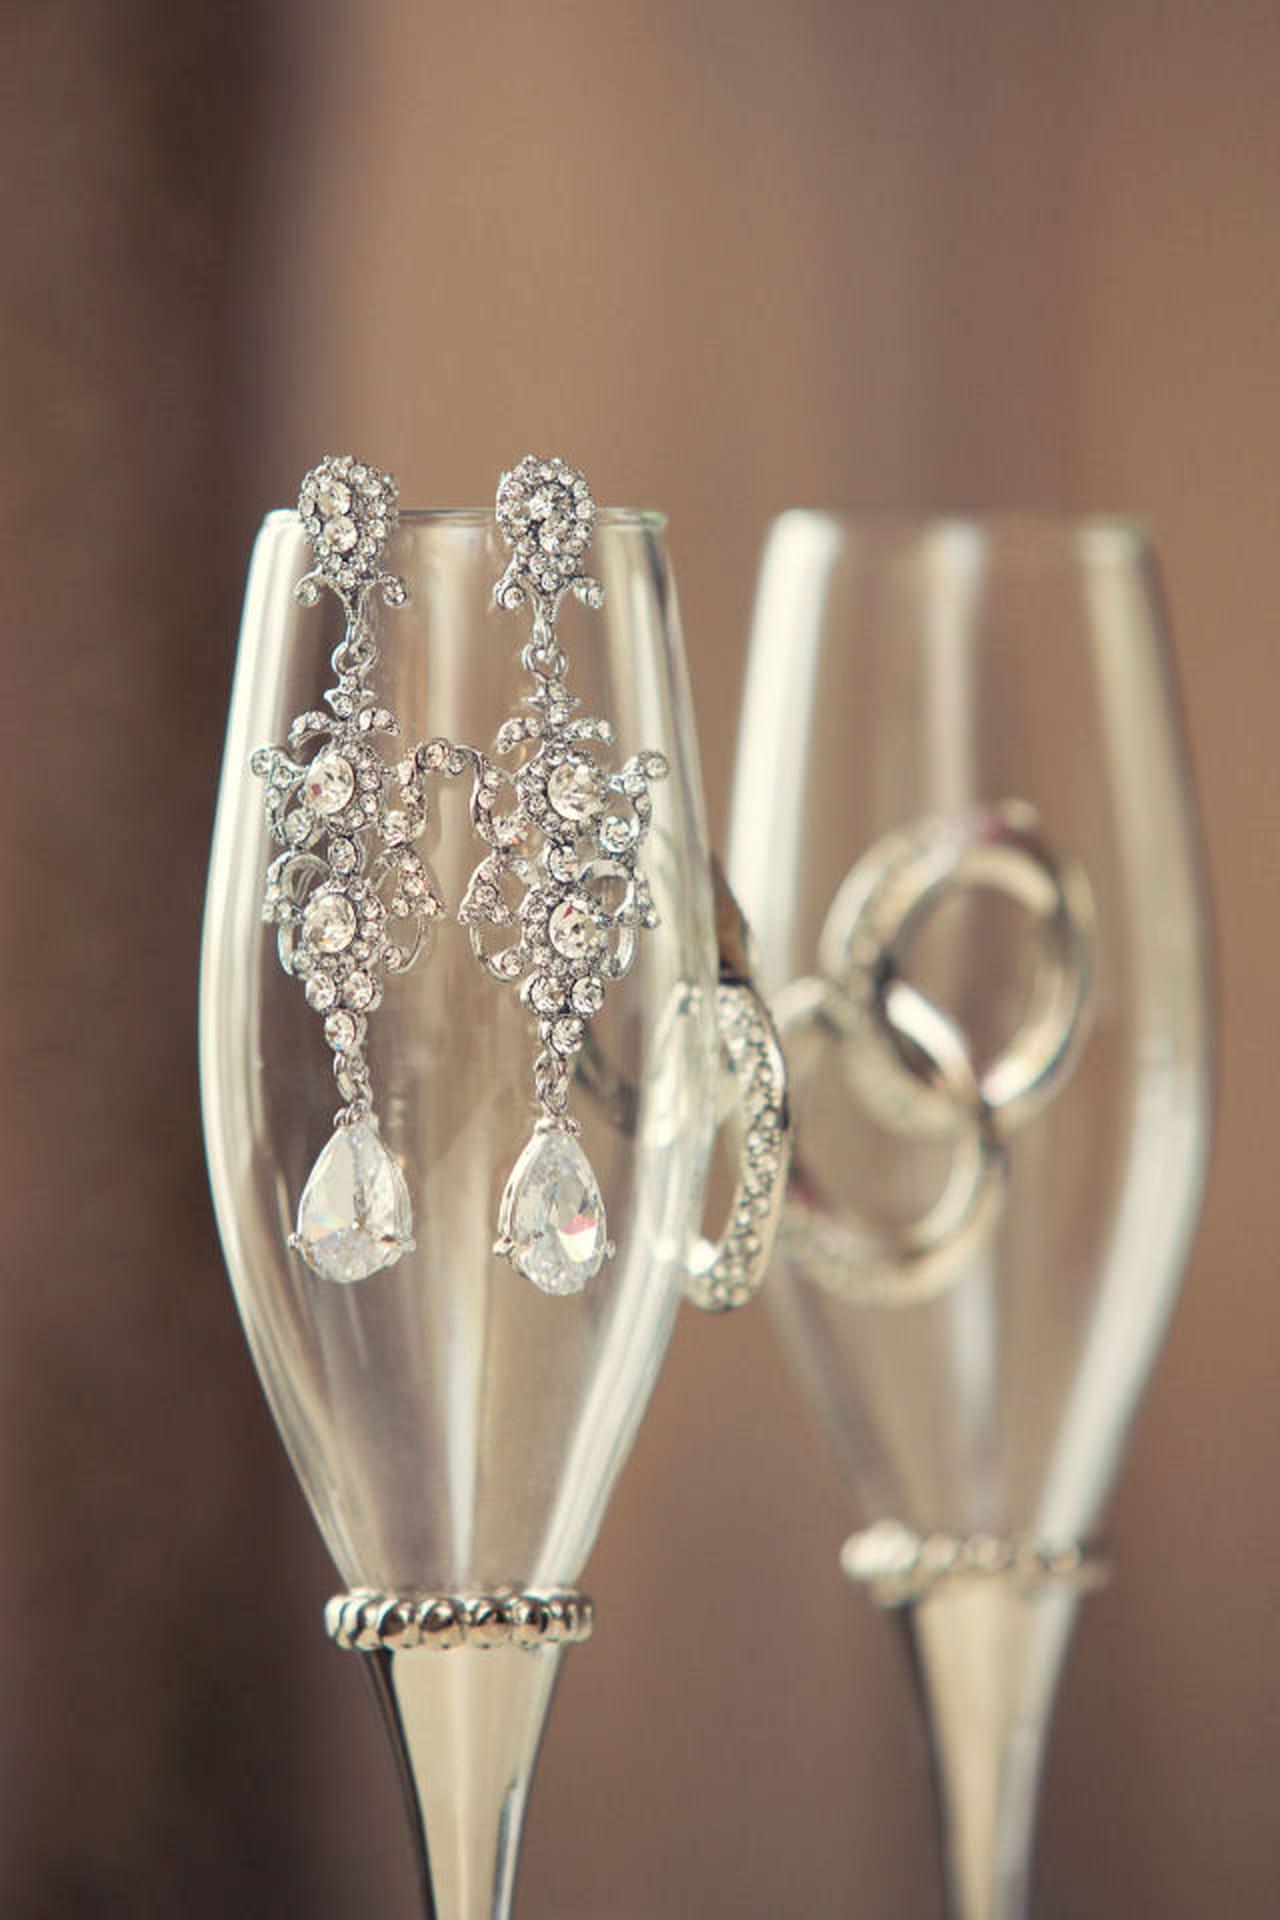 Orecchini matrimonio idee regalo per le testimoni - Idee regalo casa nuova ...